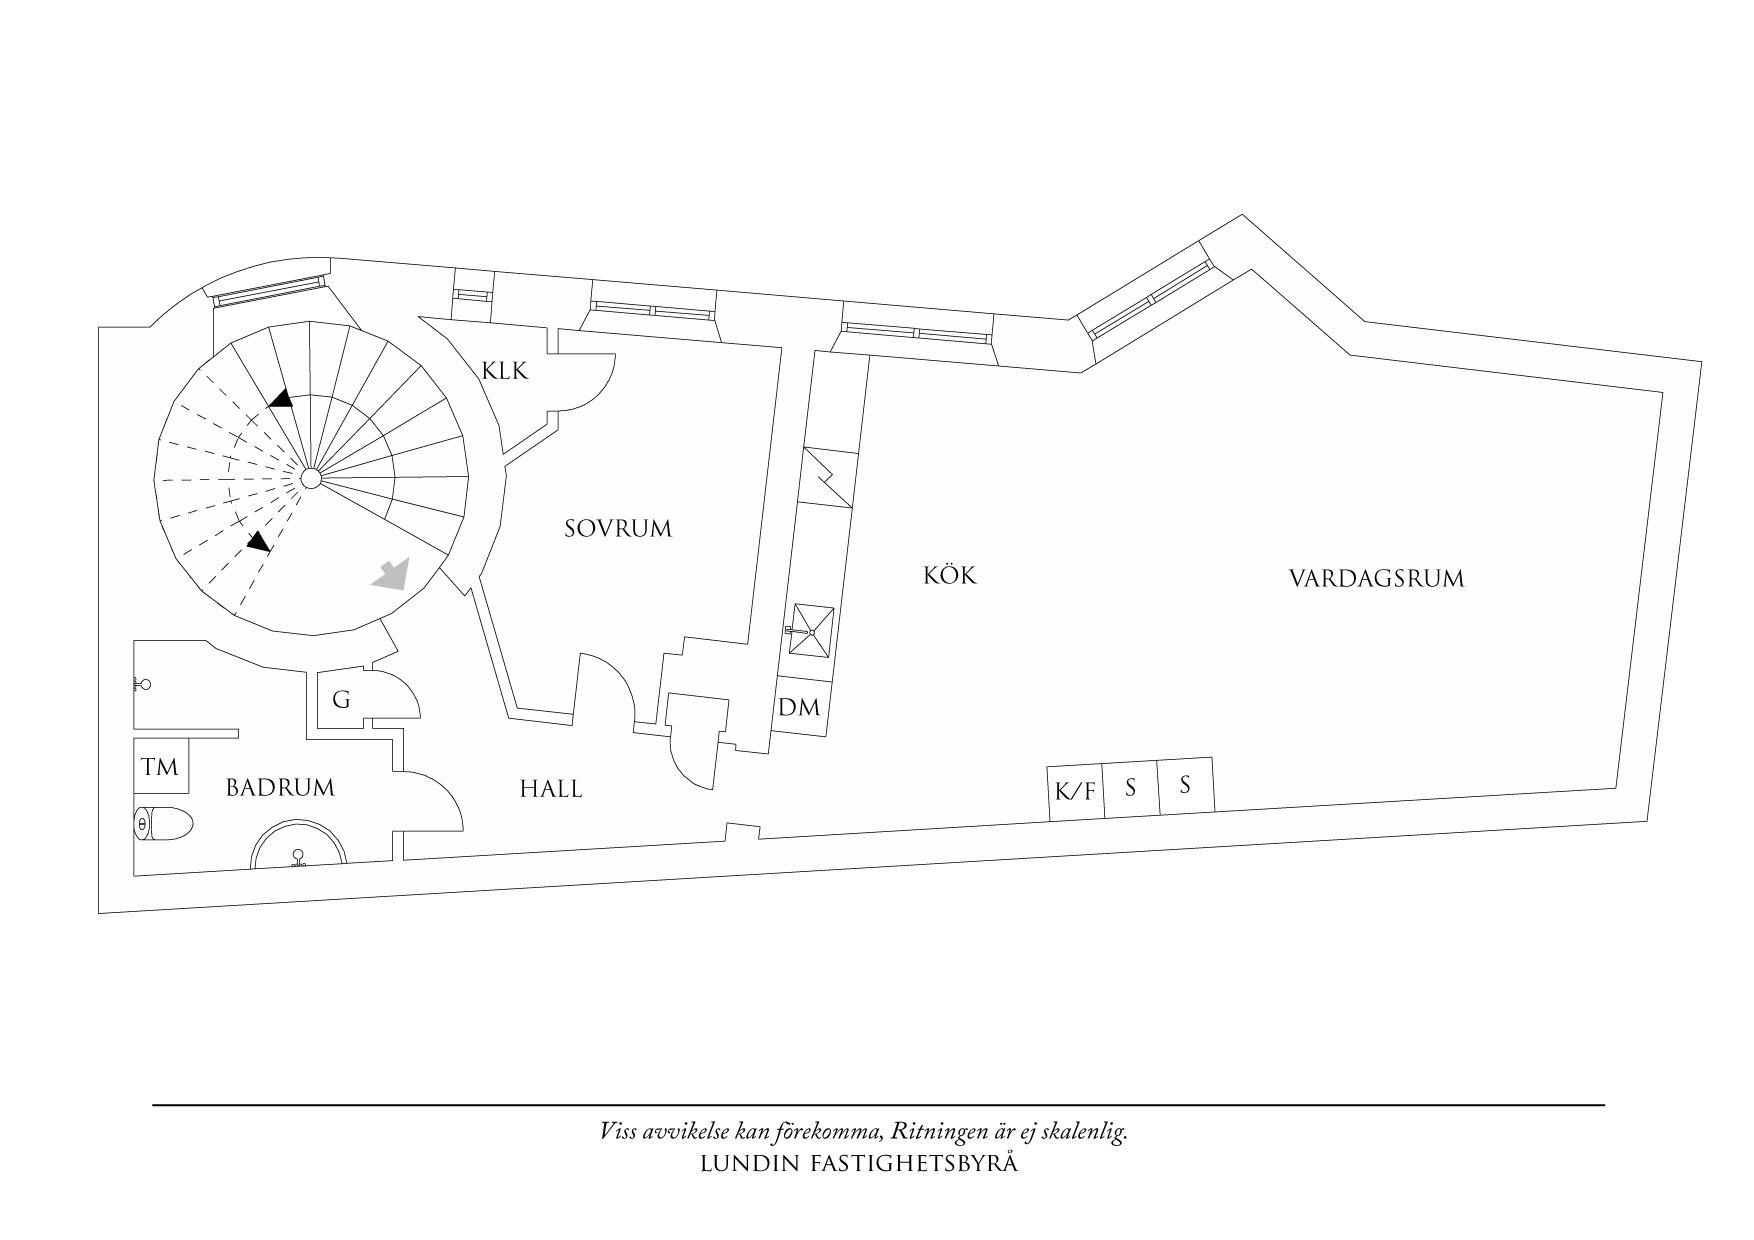 планировка квартиры с совмещенной кухней гостиной